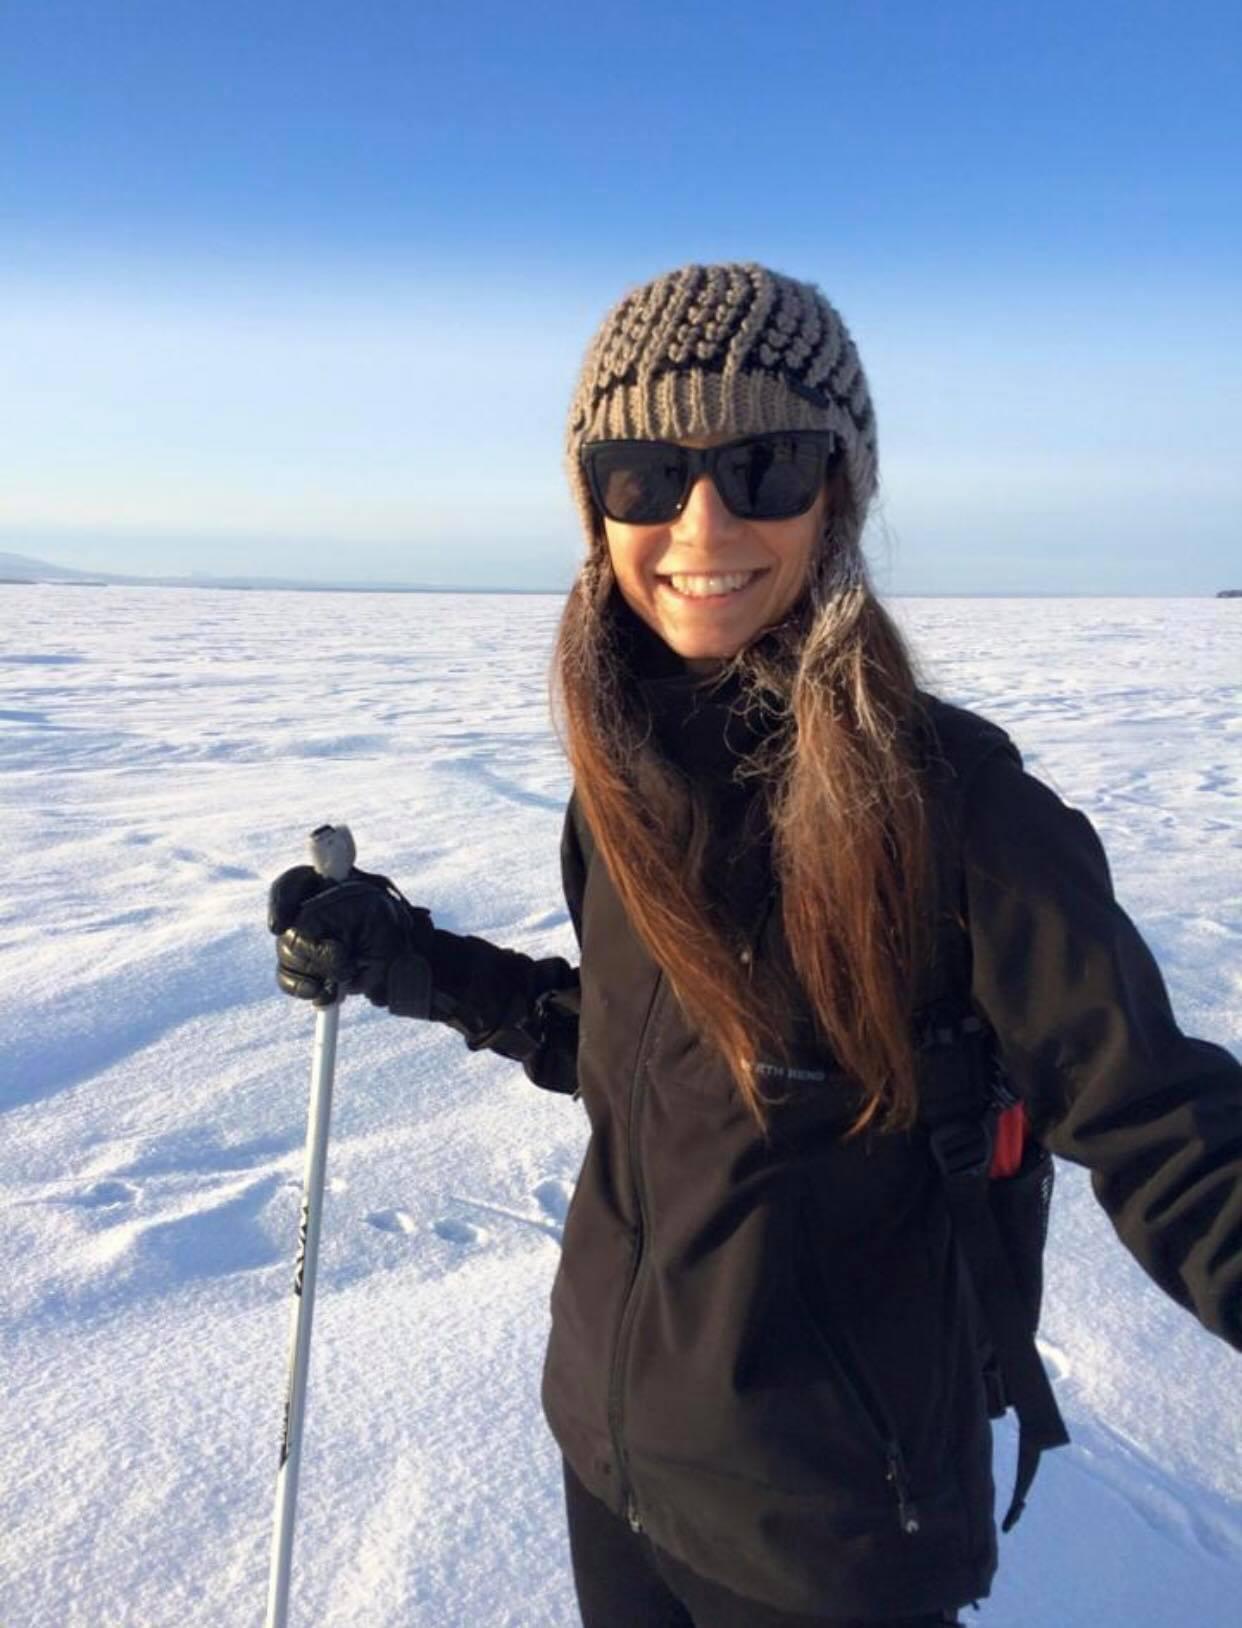 STORIE DAL MONDO – Alice, un'Interaction Designer tra le aurore boreali.